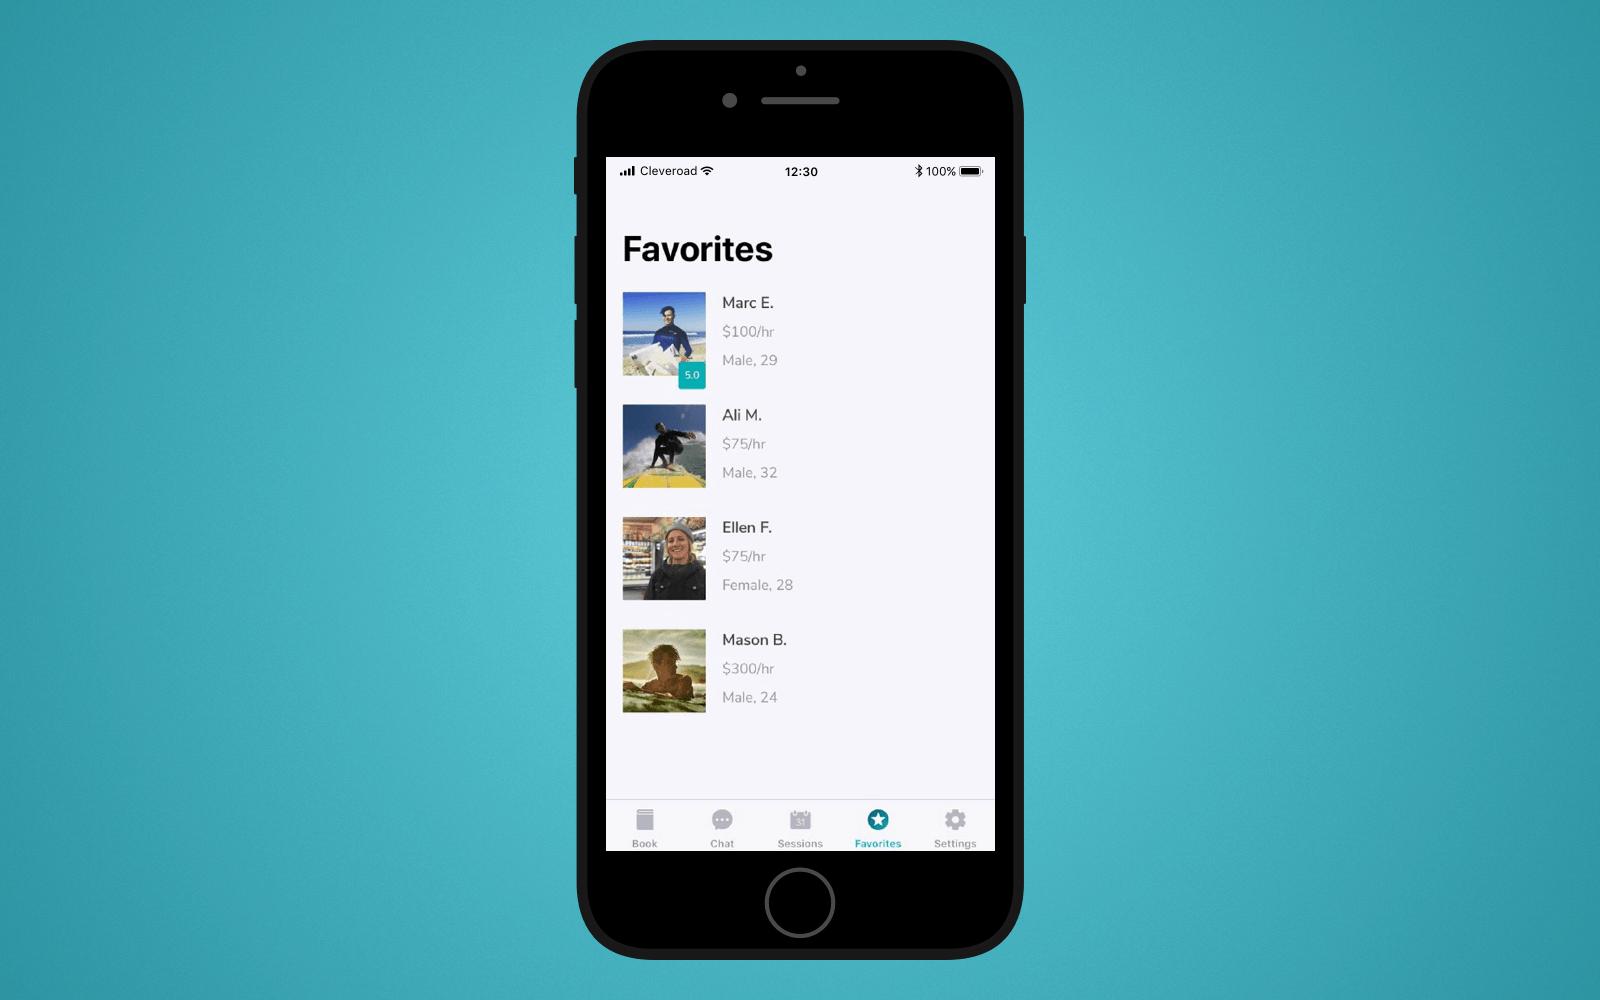 Favorites screen in LetsSurf mobile application